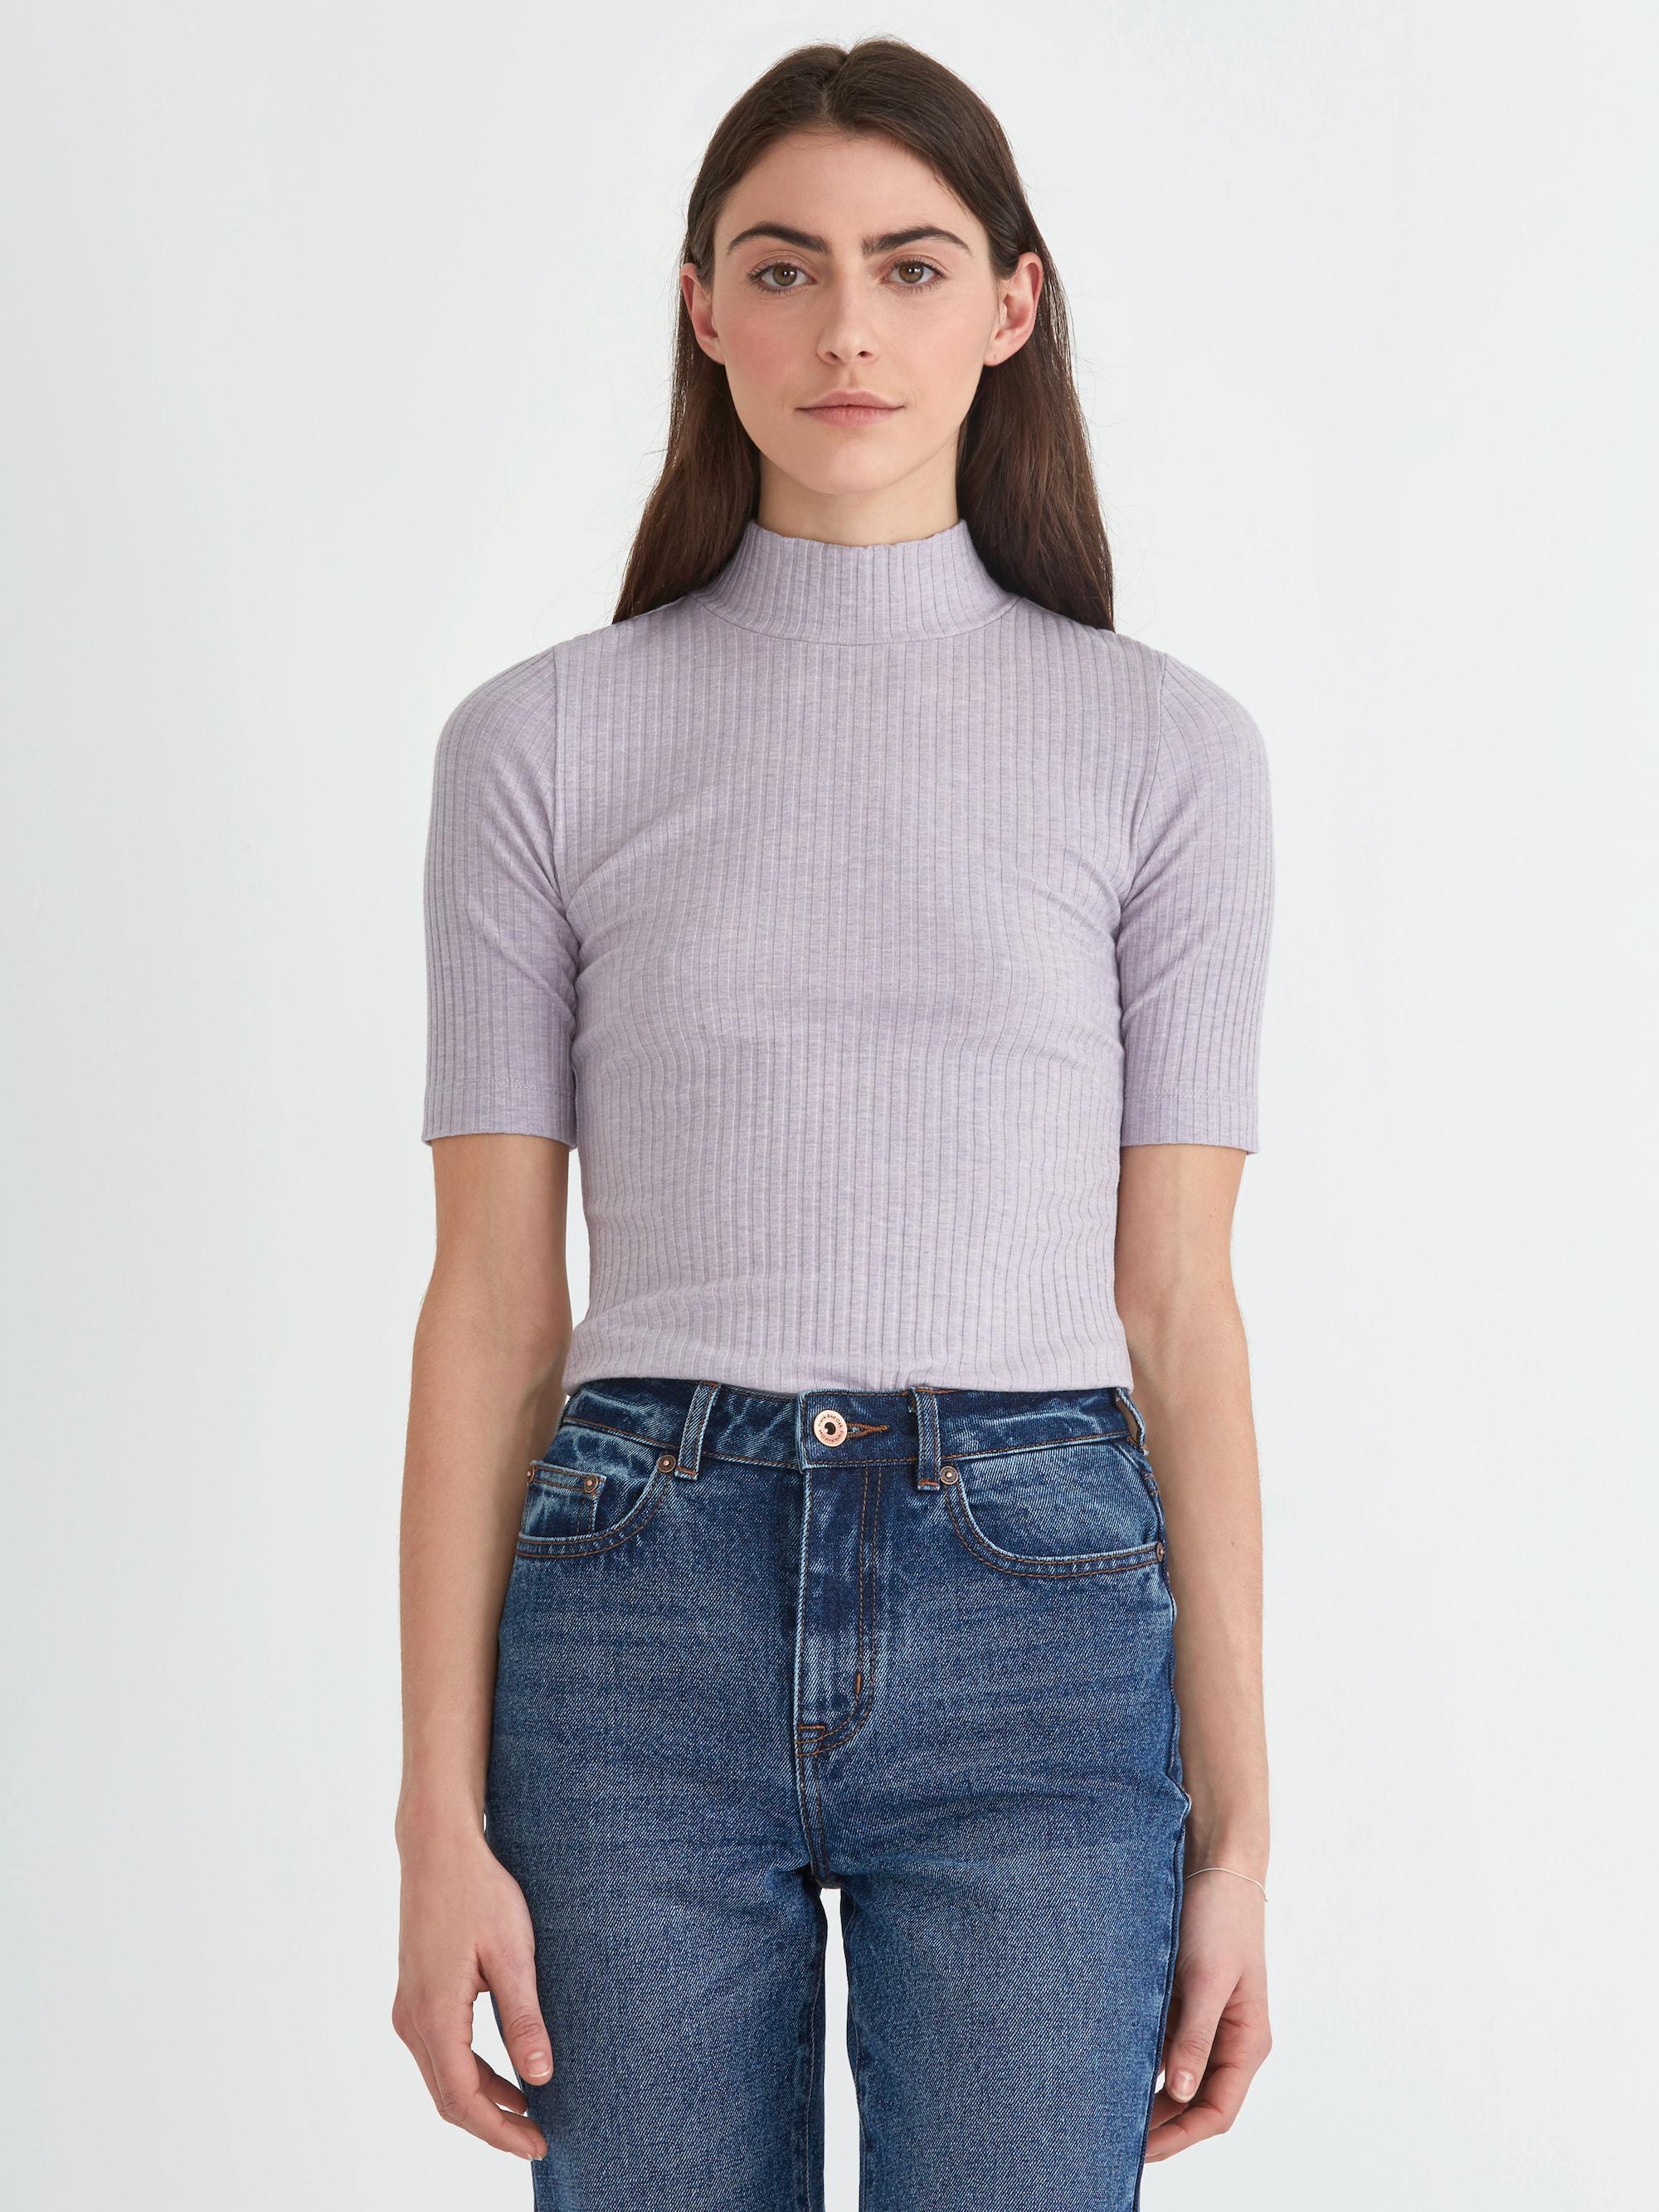 Frank + Oak. Women's Ribbed Mockneck Cotton-blend Top In Lavender Heather